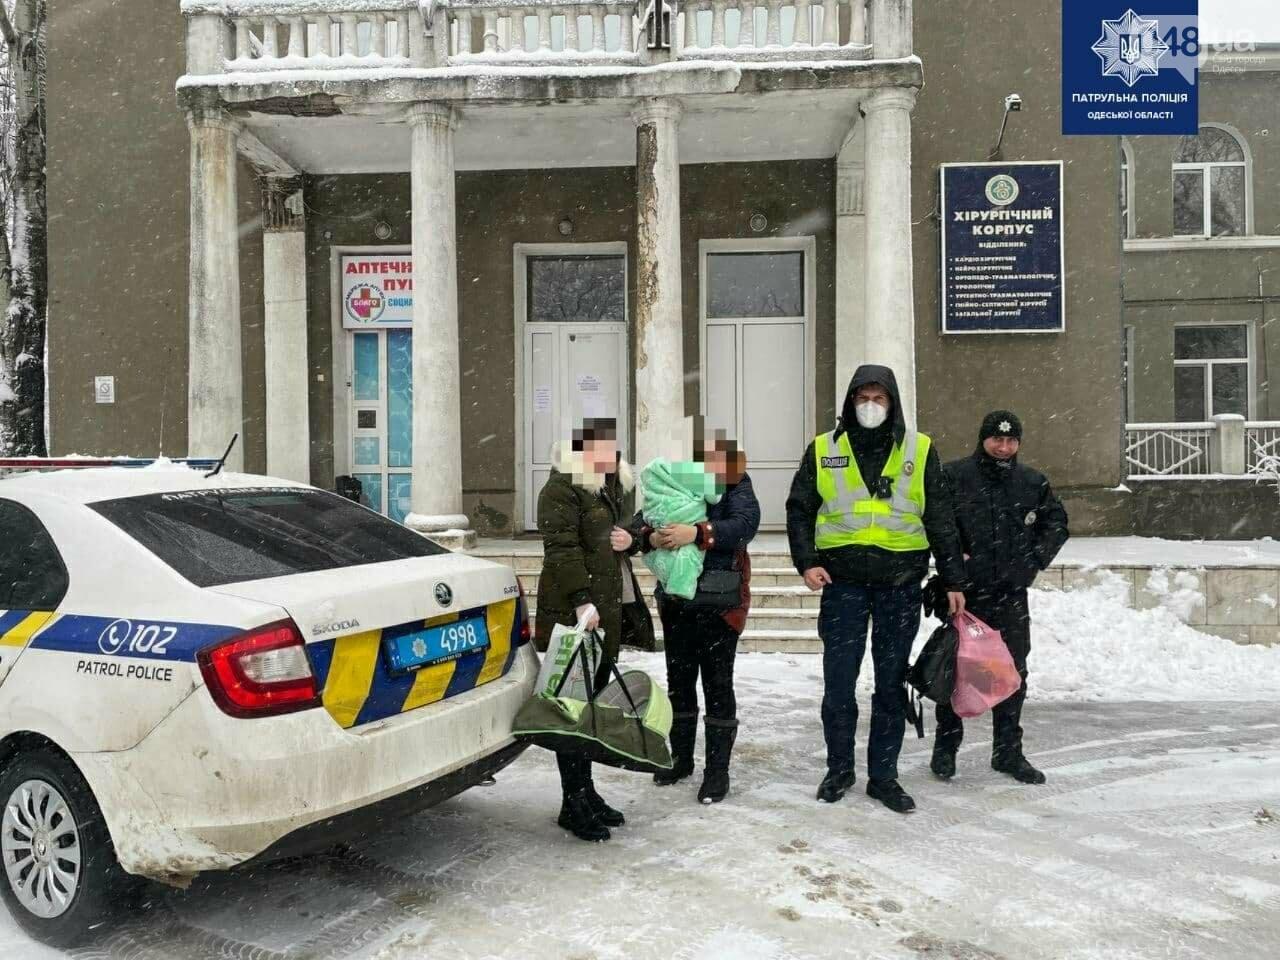 Непогода в Одессе и области: патрульные оказали помощь семье с младенцем, - ФОТО, ВИДЕО, фото-3